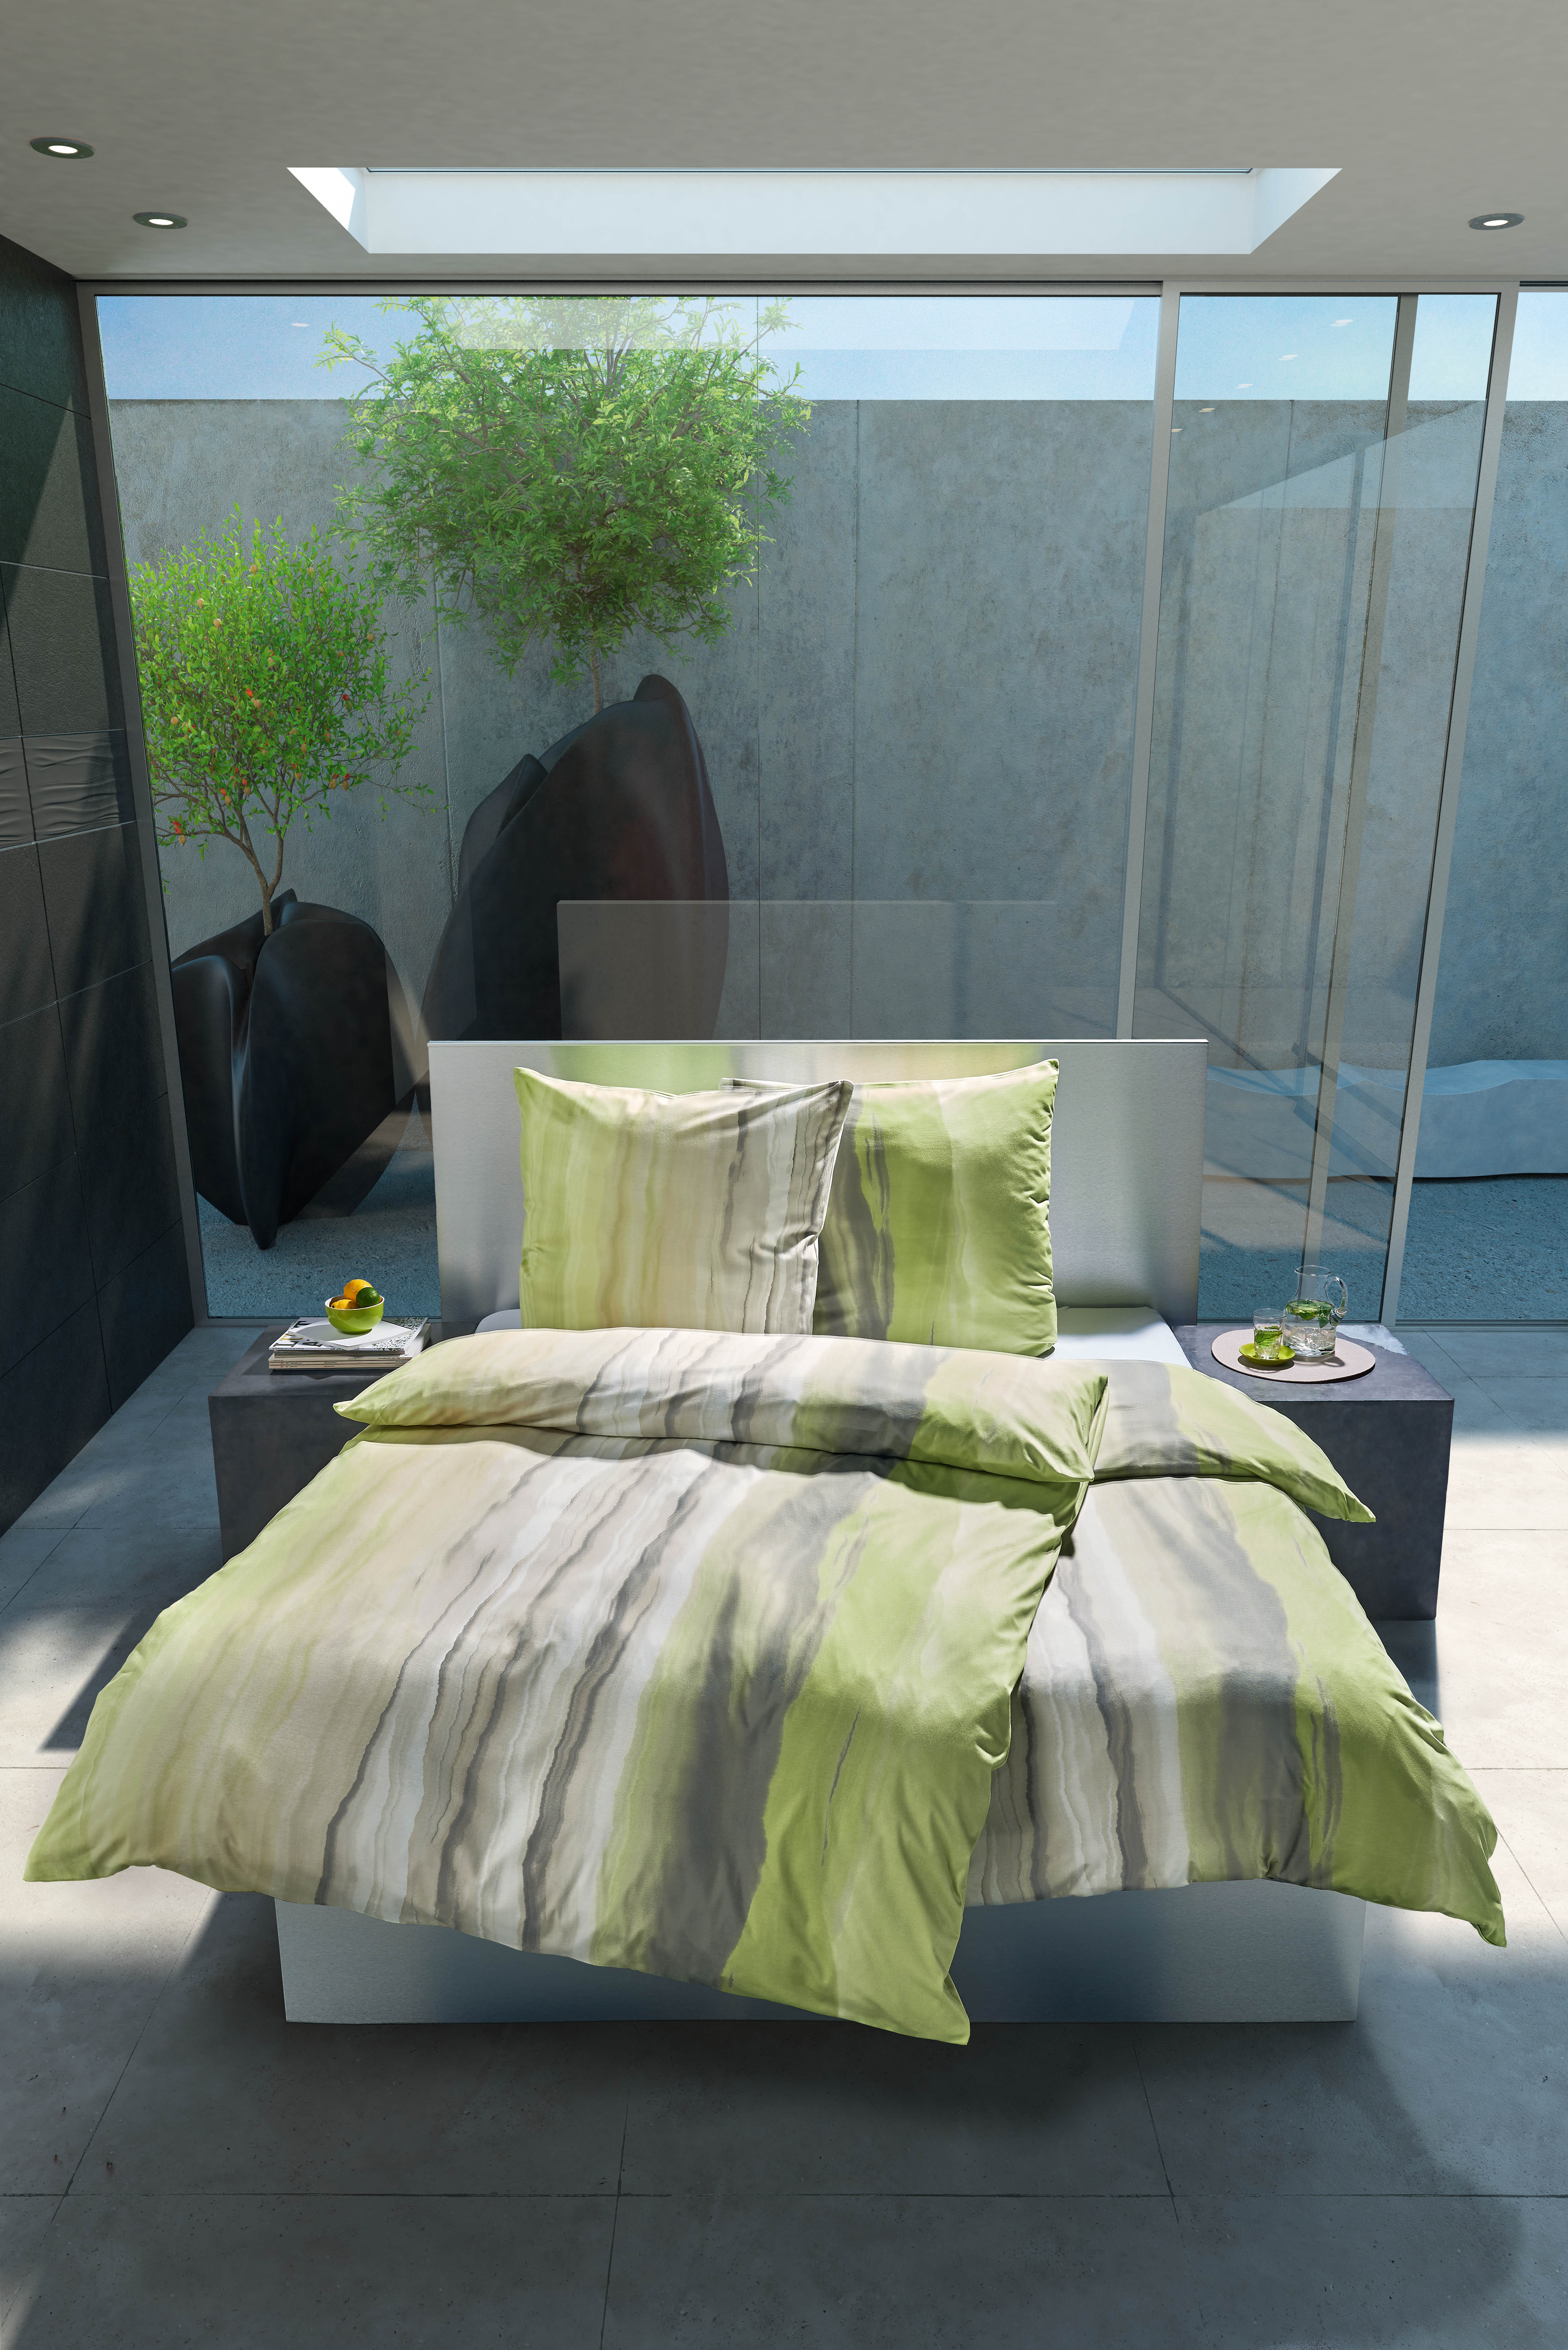 edel flanell bettw sche deutsche premiumprodukte. Black Bedroom Furniture Sets. Home Design Ideas